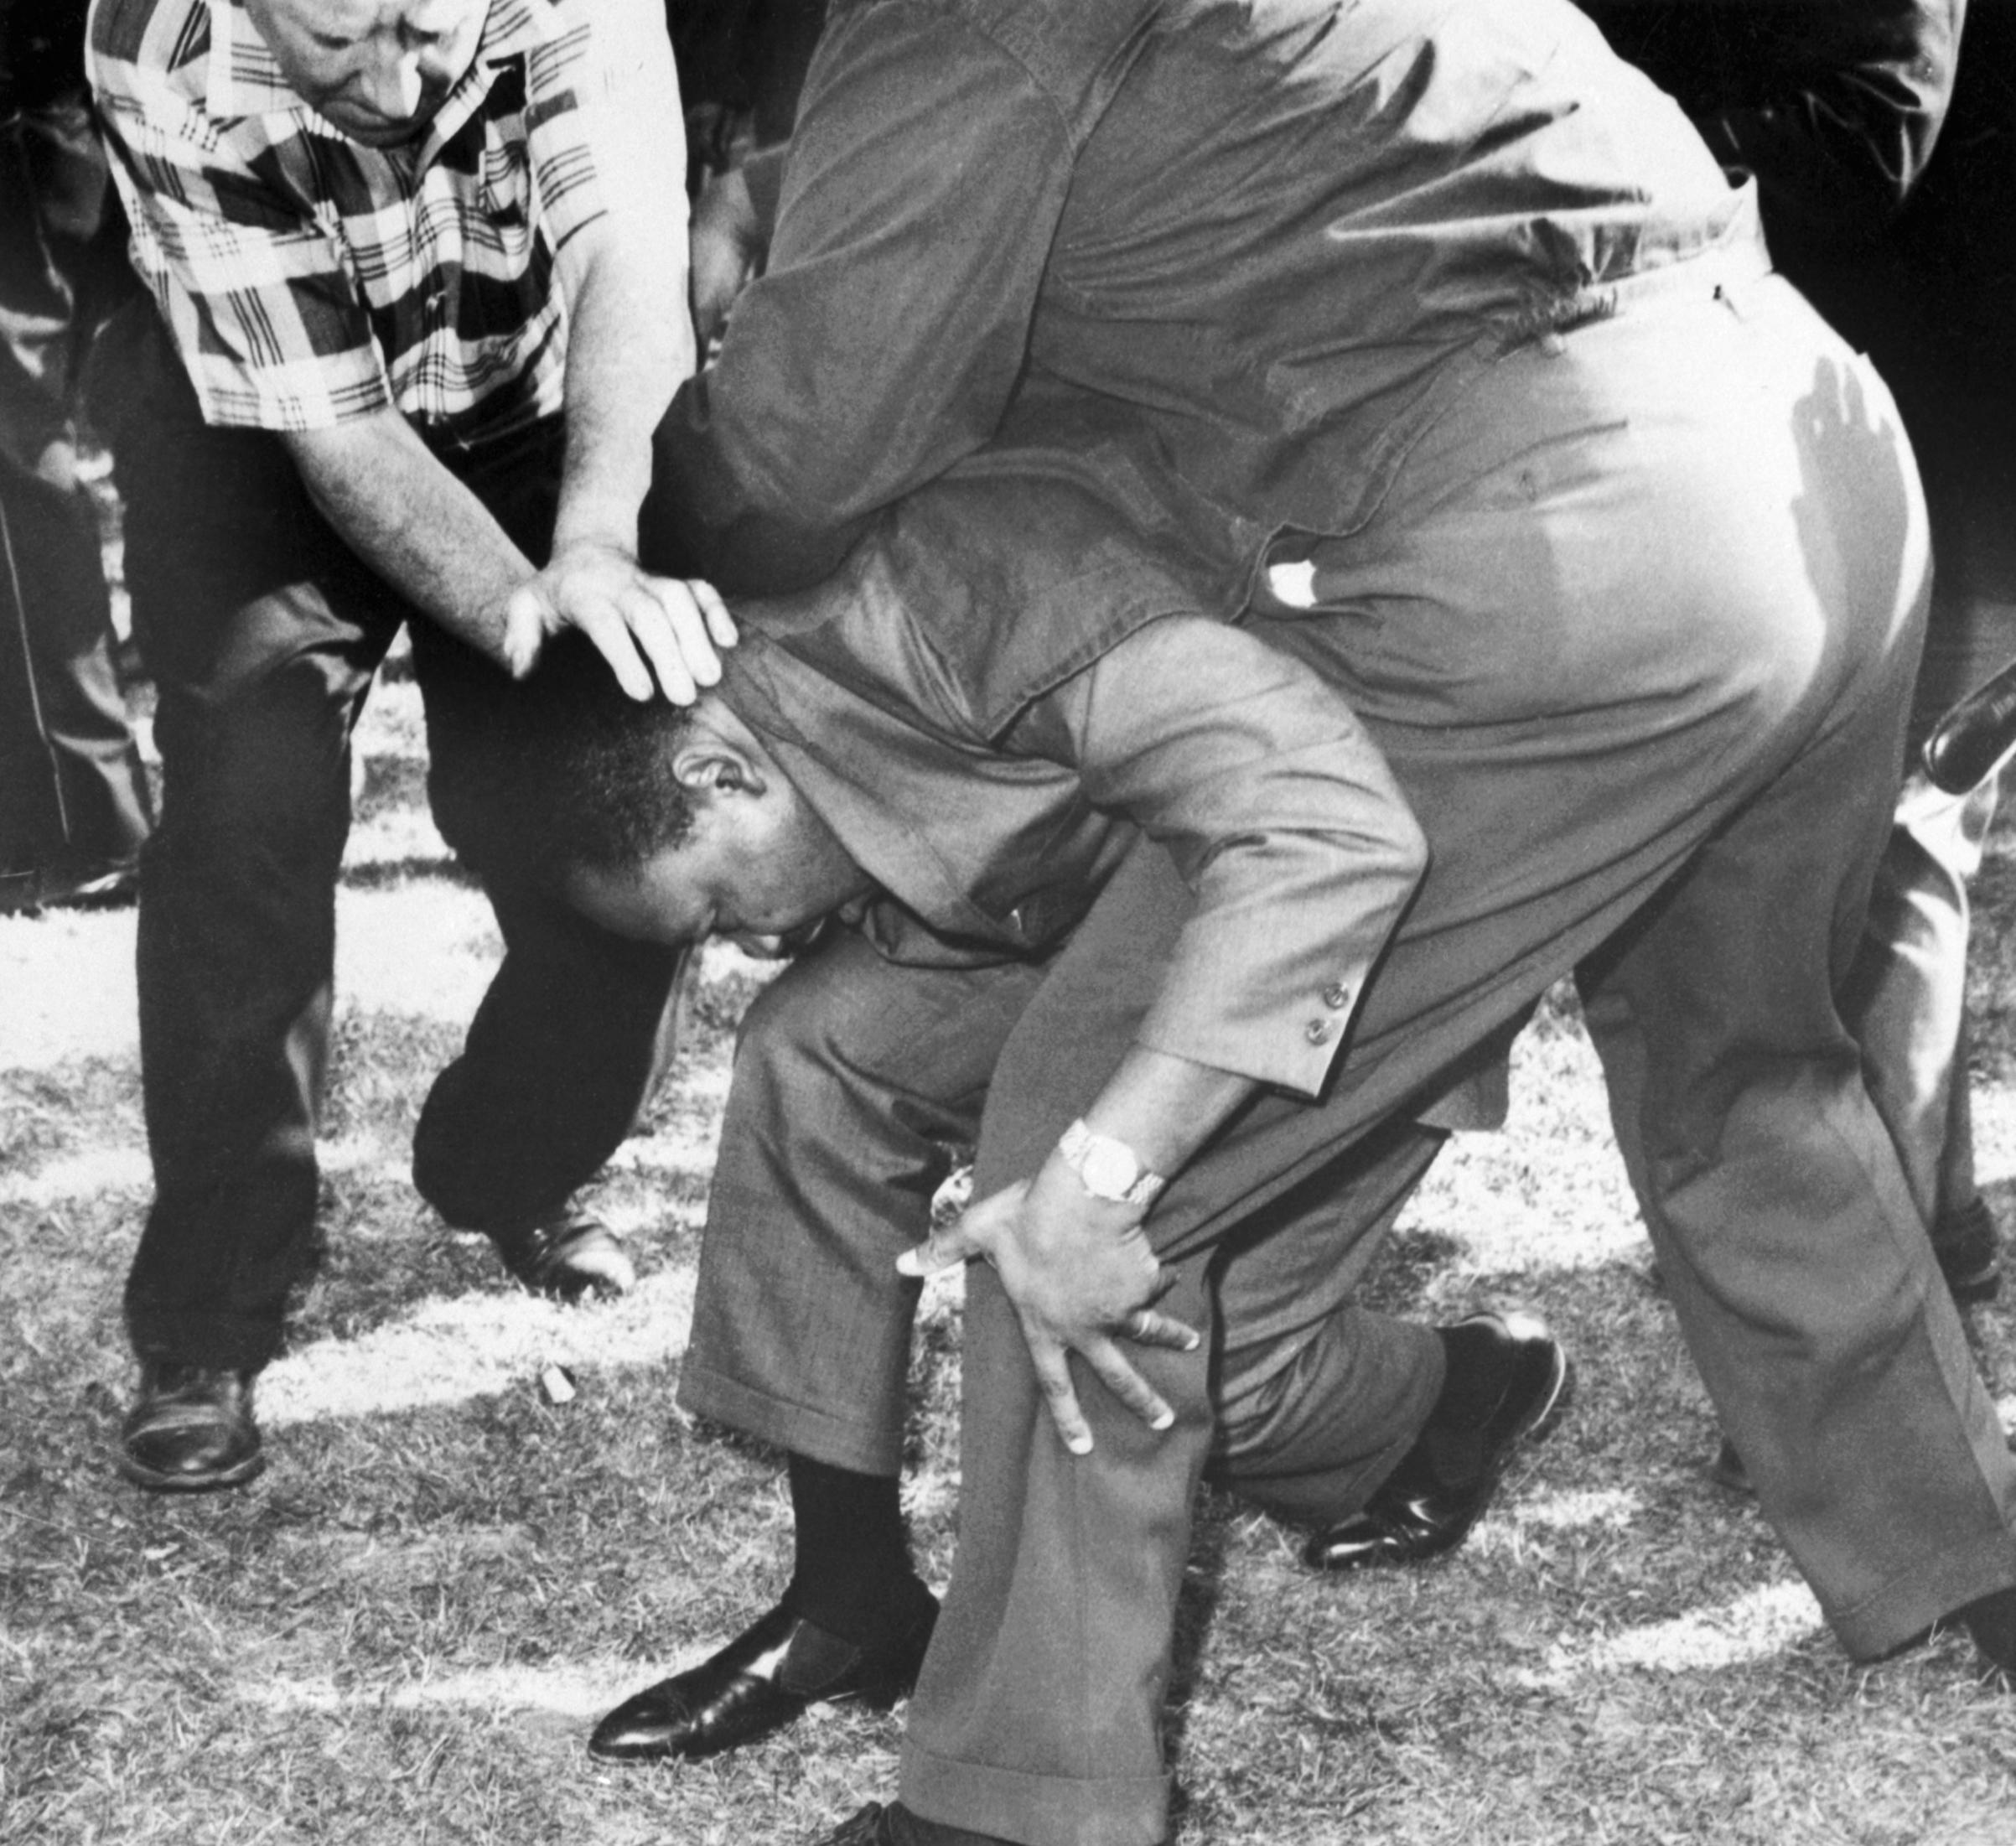 Martin Luther King Jr protegido por assessores no meio de uma multidão hostil. Durante a marcha ele foi atingido por uma pedra na cabeça